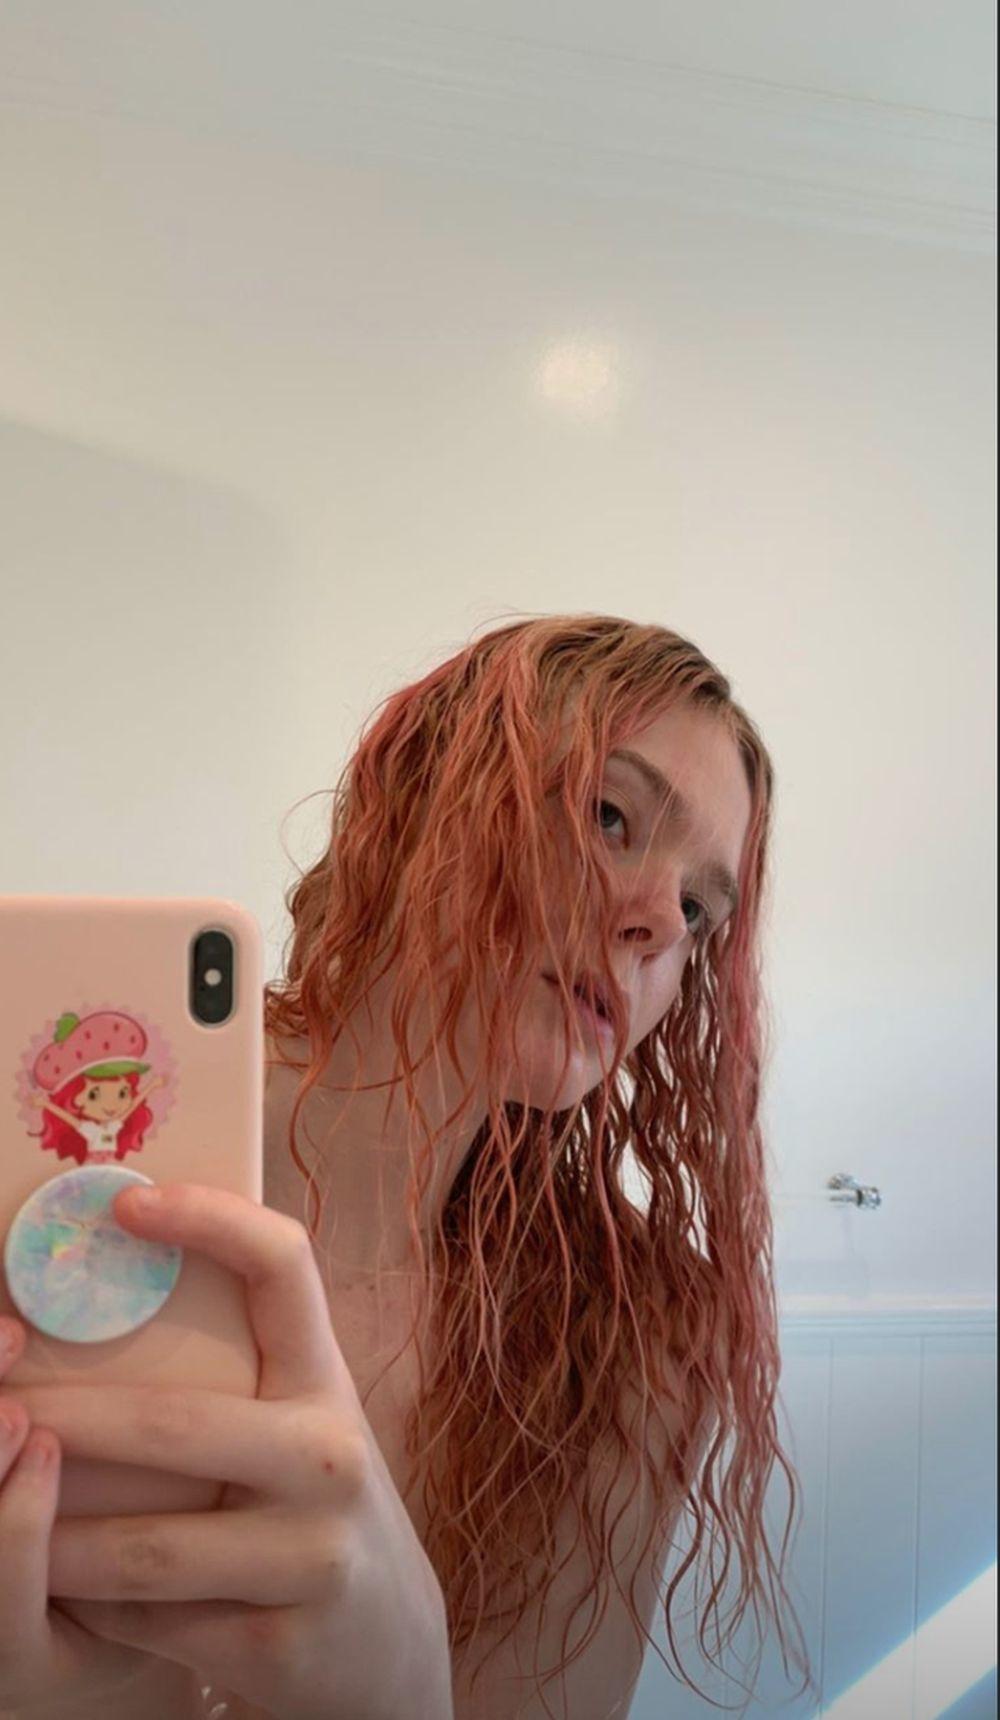 Elle Fanning con un sorprendente cambio de look de pelo rosa durante su cuarentena con el que nos ha sorprendido en casa.